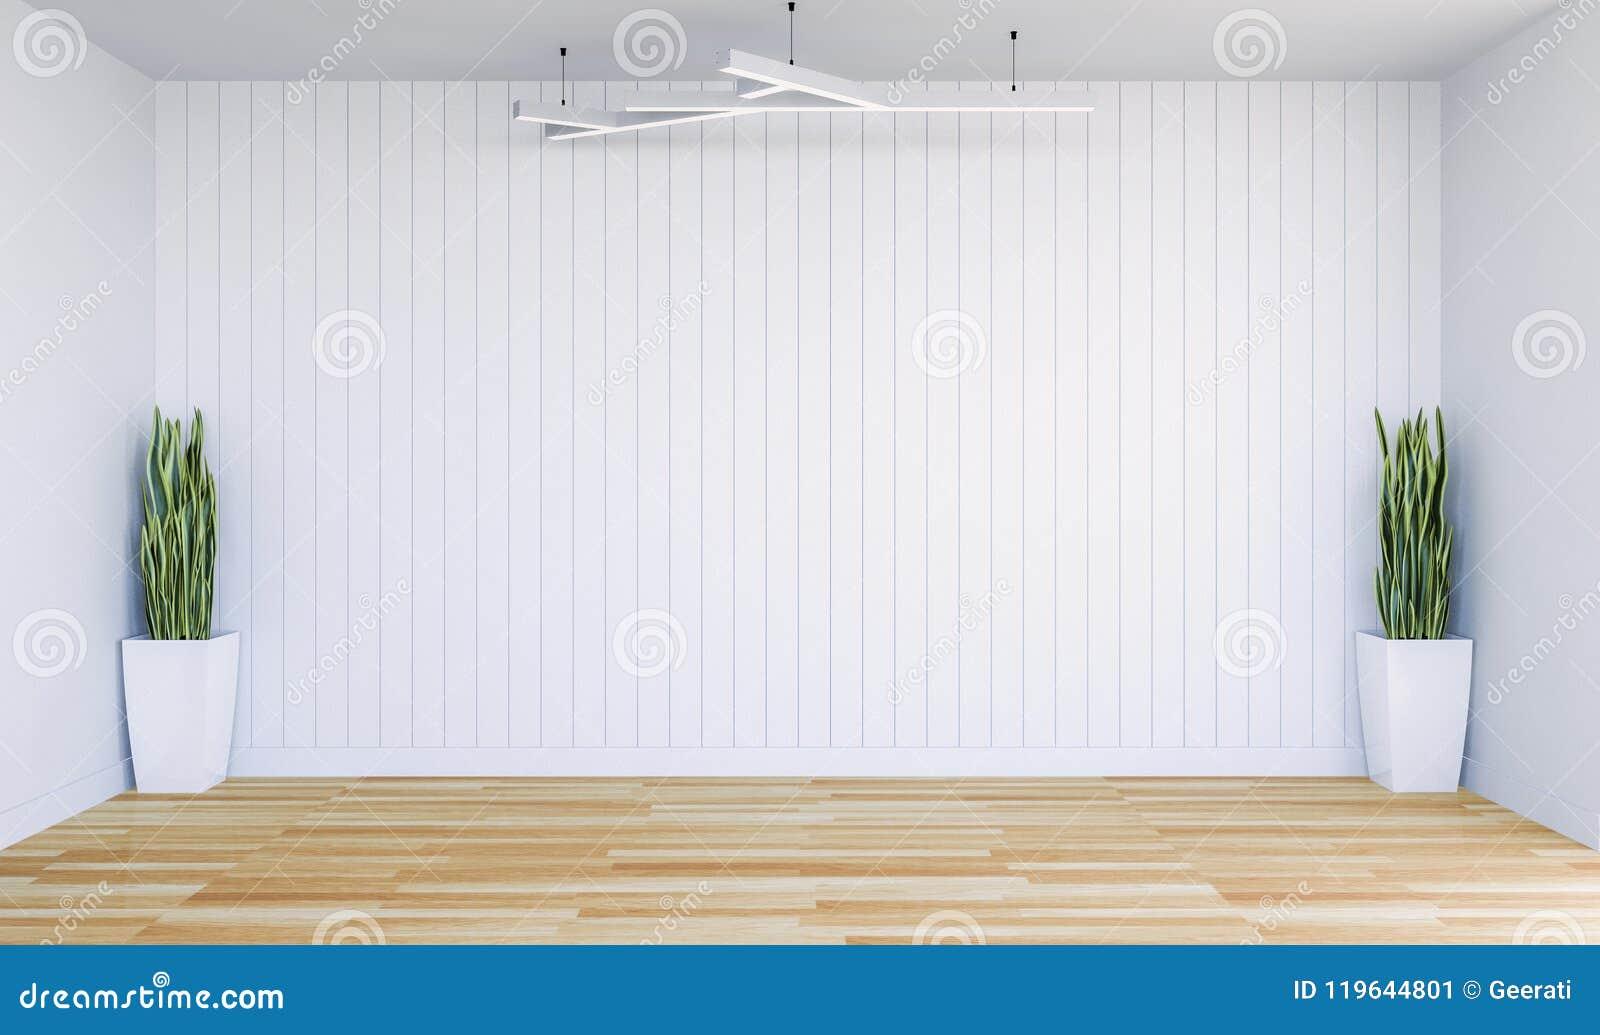 倒空有白色墙板和装饰植物的现代室